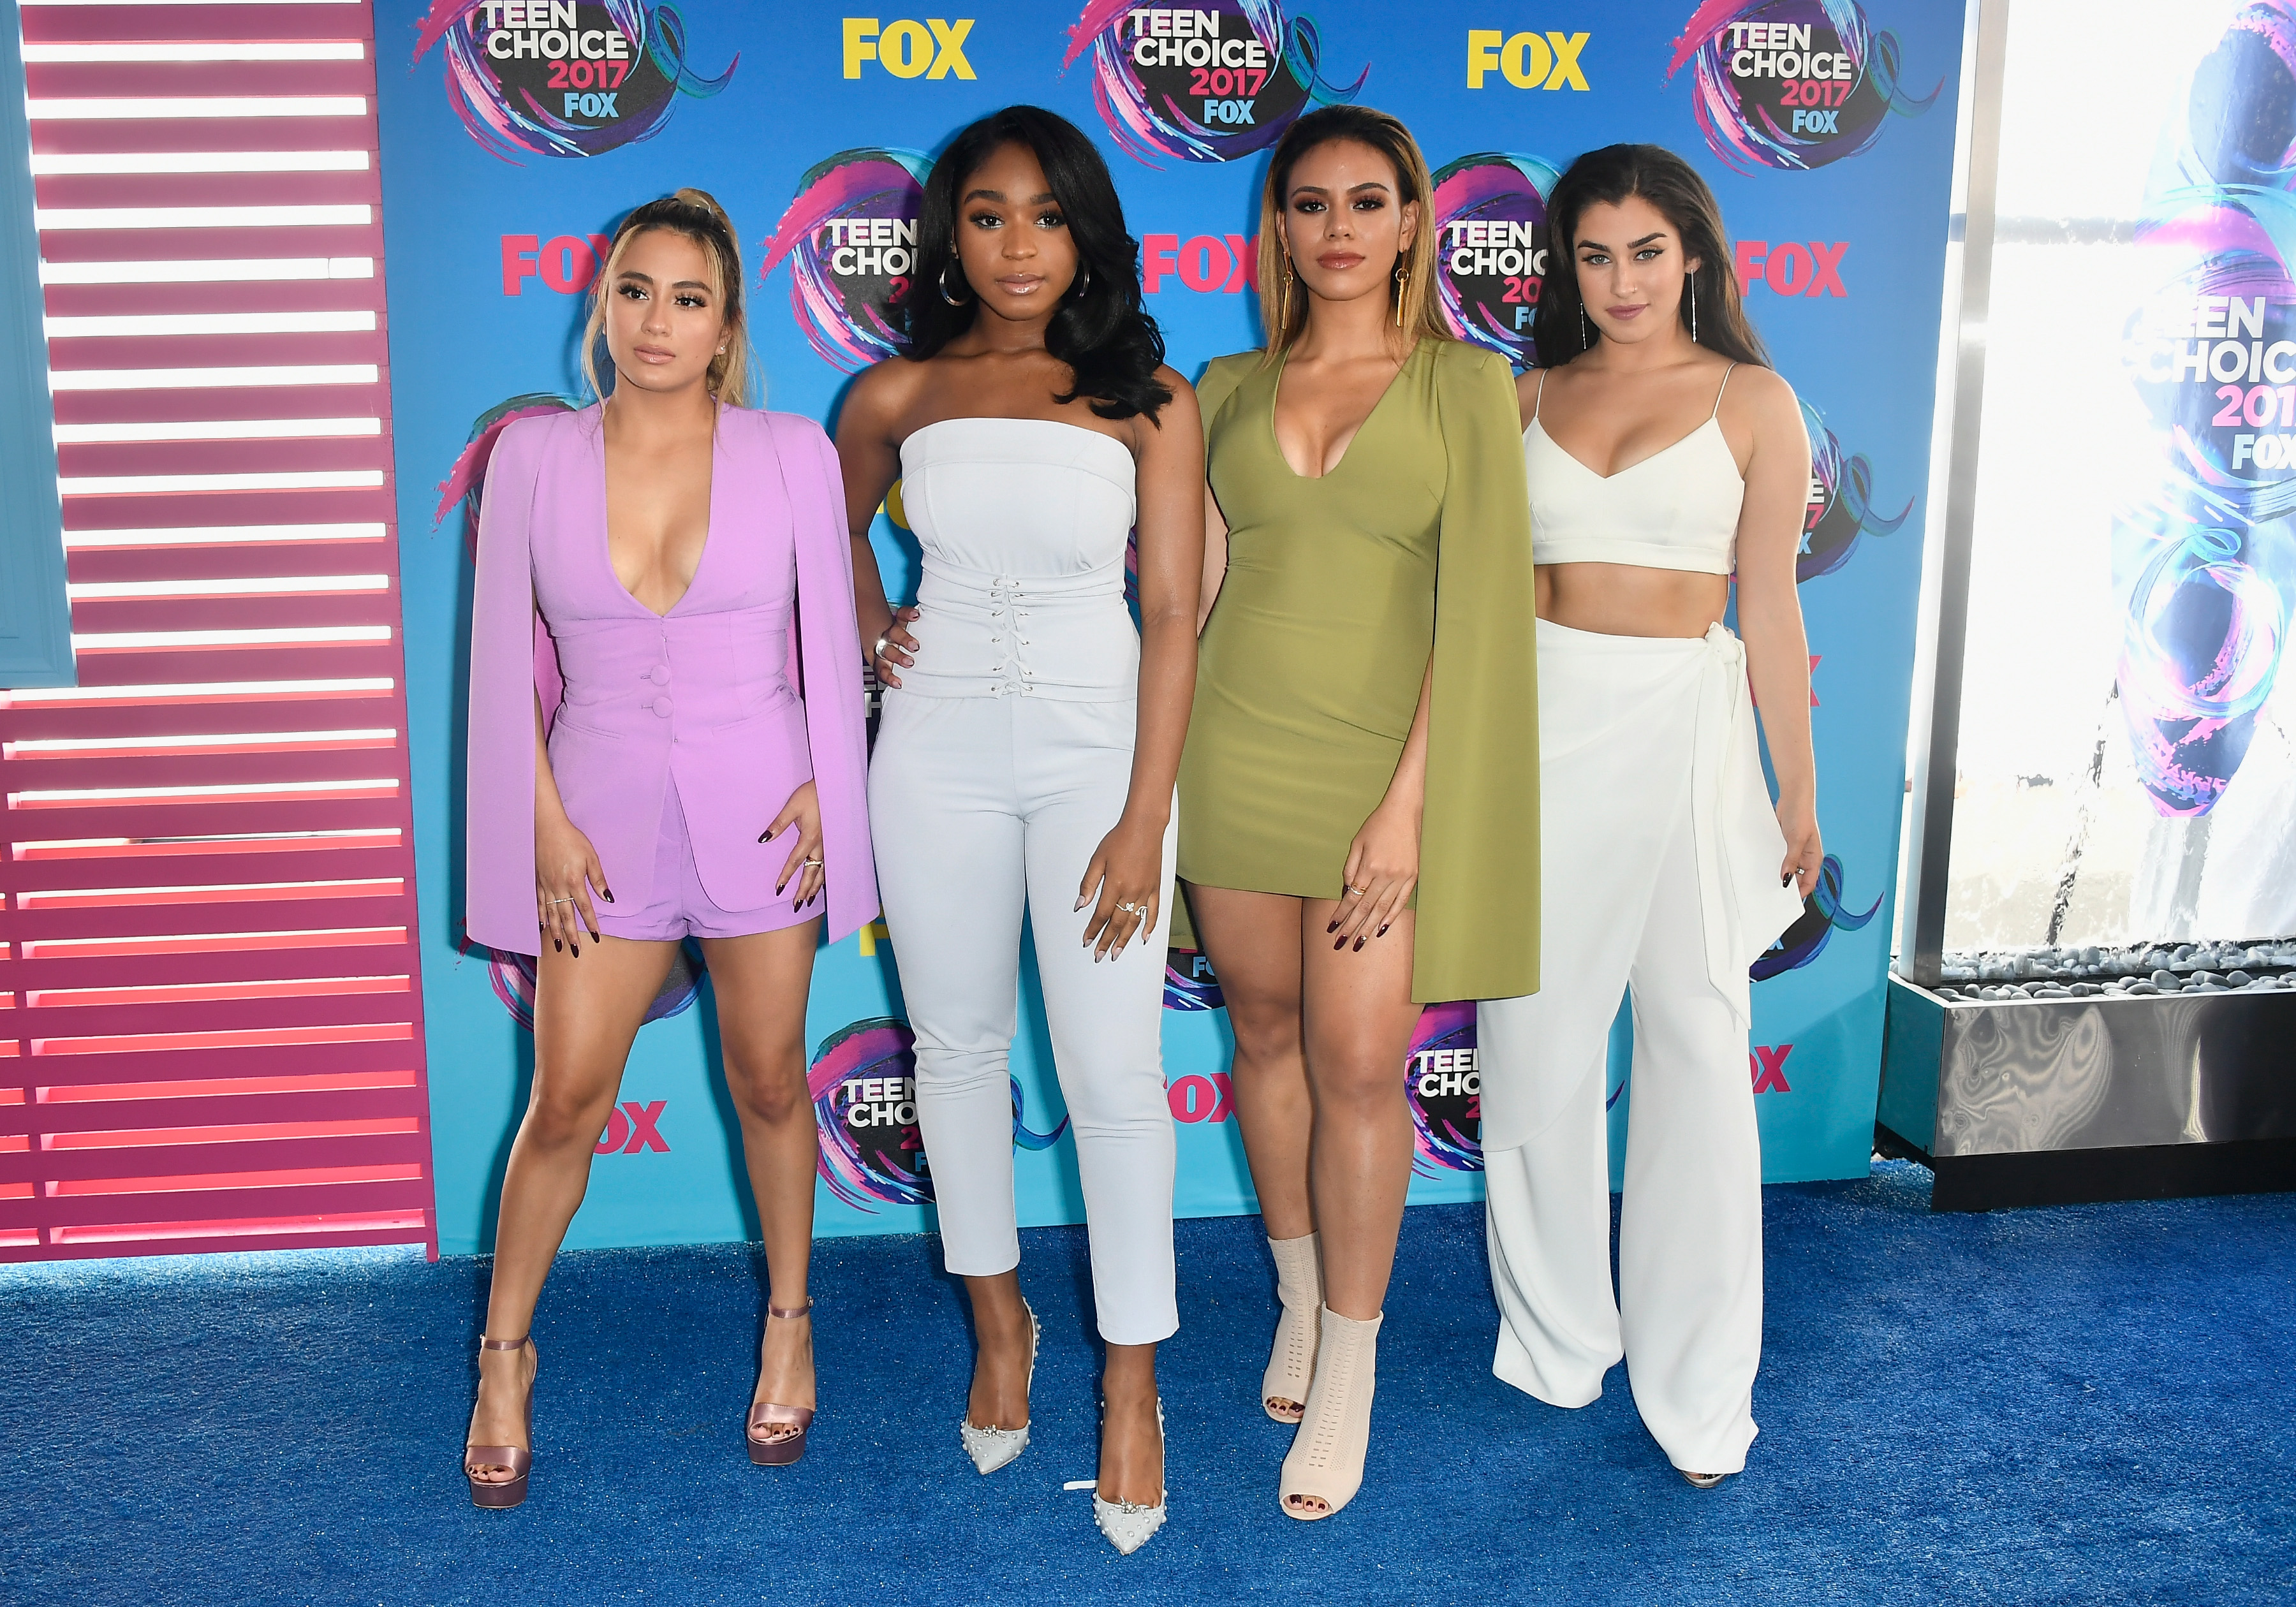 Teen Choice Awards 2017 - Fifth Harmony